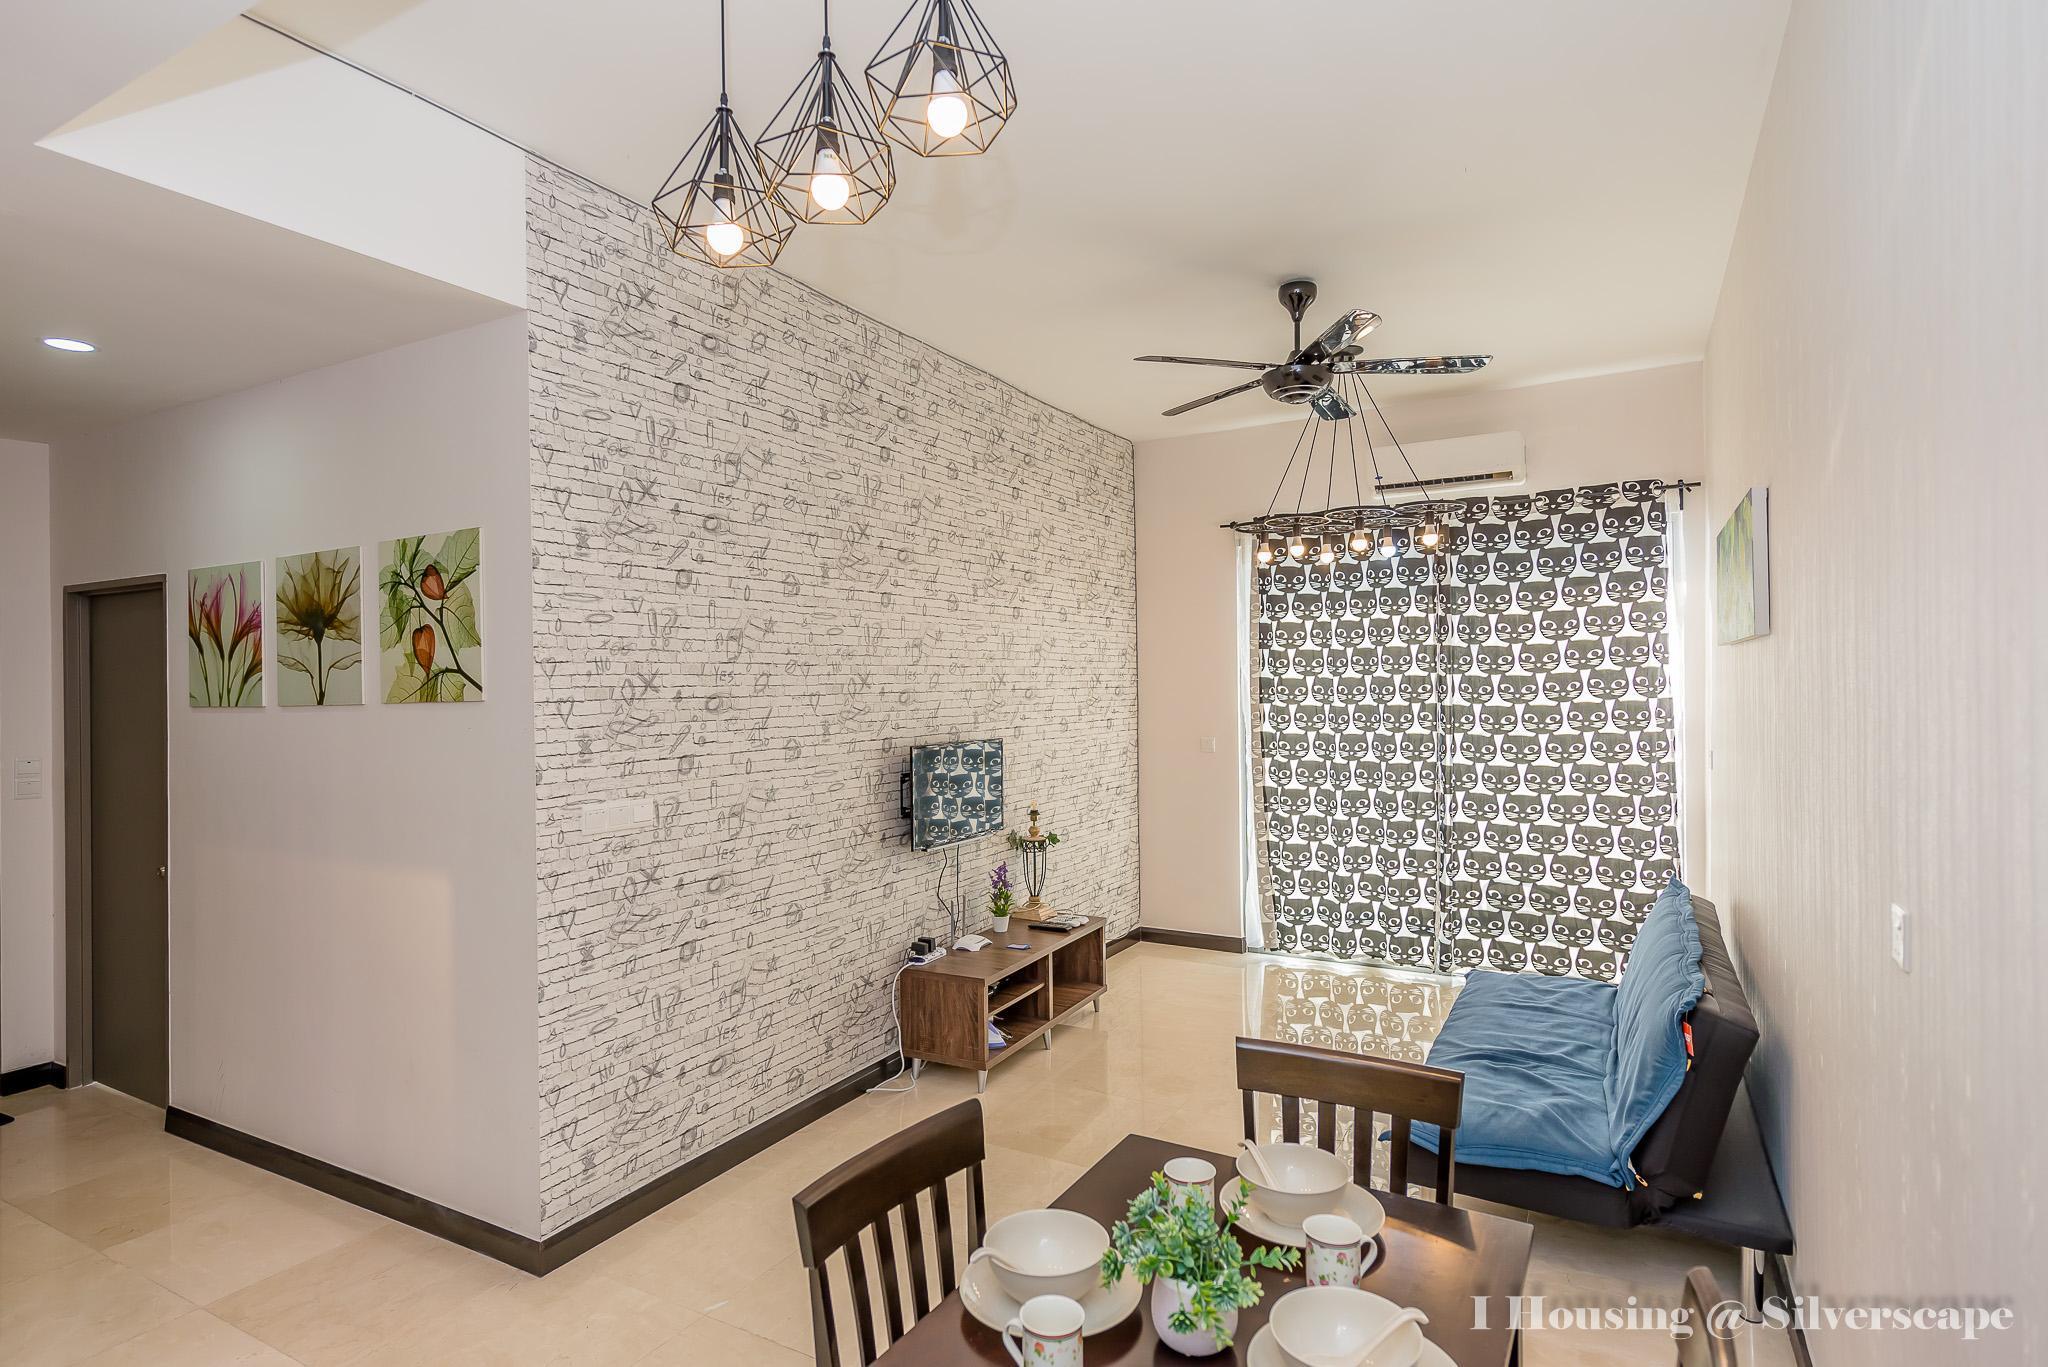 Silverscape 2509 Jonker Street Melaka By I Housing